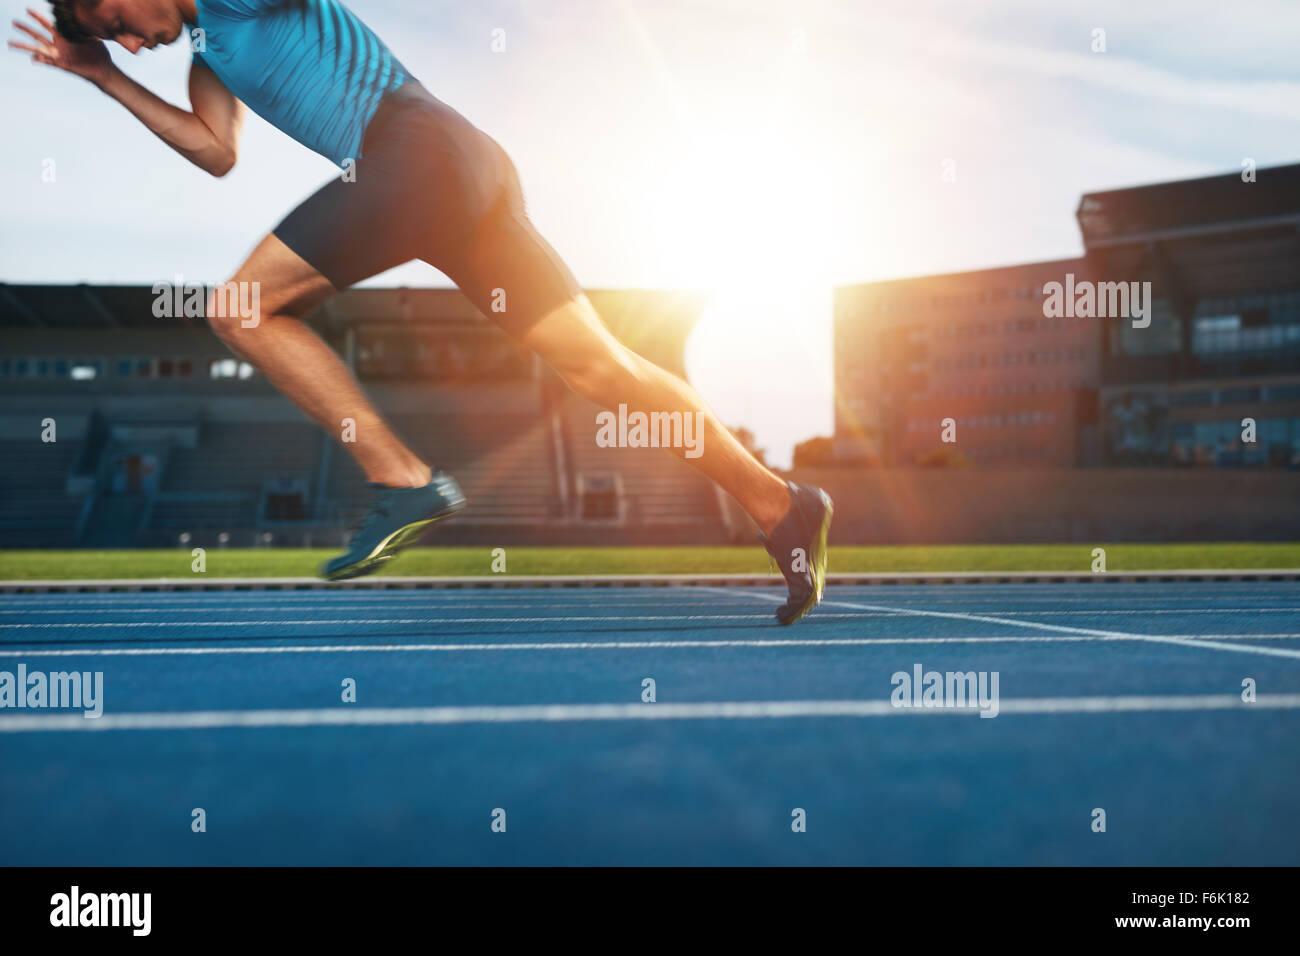 Aufnahme des jungen männlichen Athleten aus der Startlinie in einem Rennen starten. Läufer laufen auf Stockbild